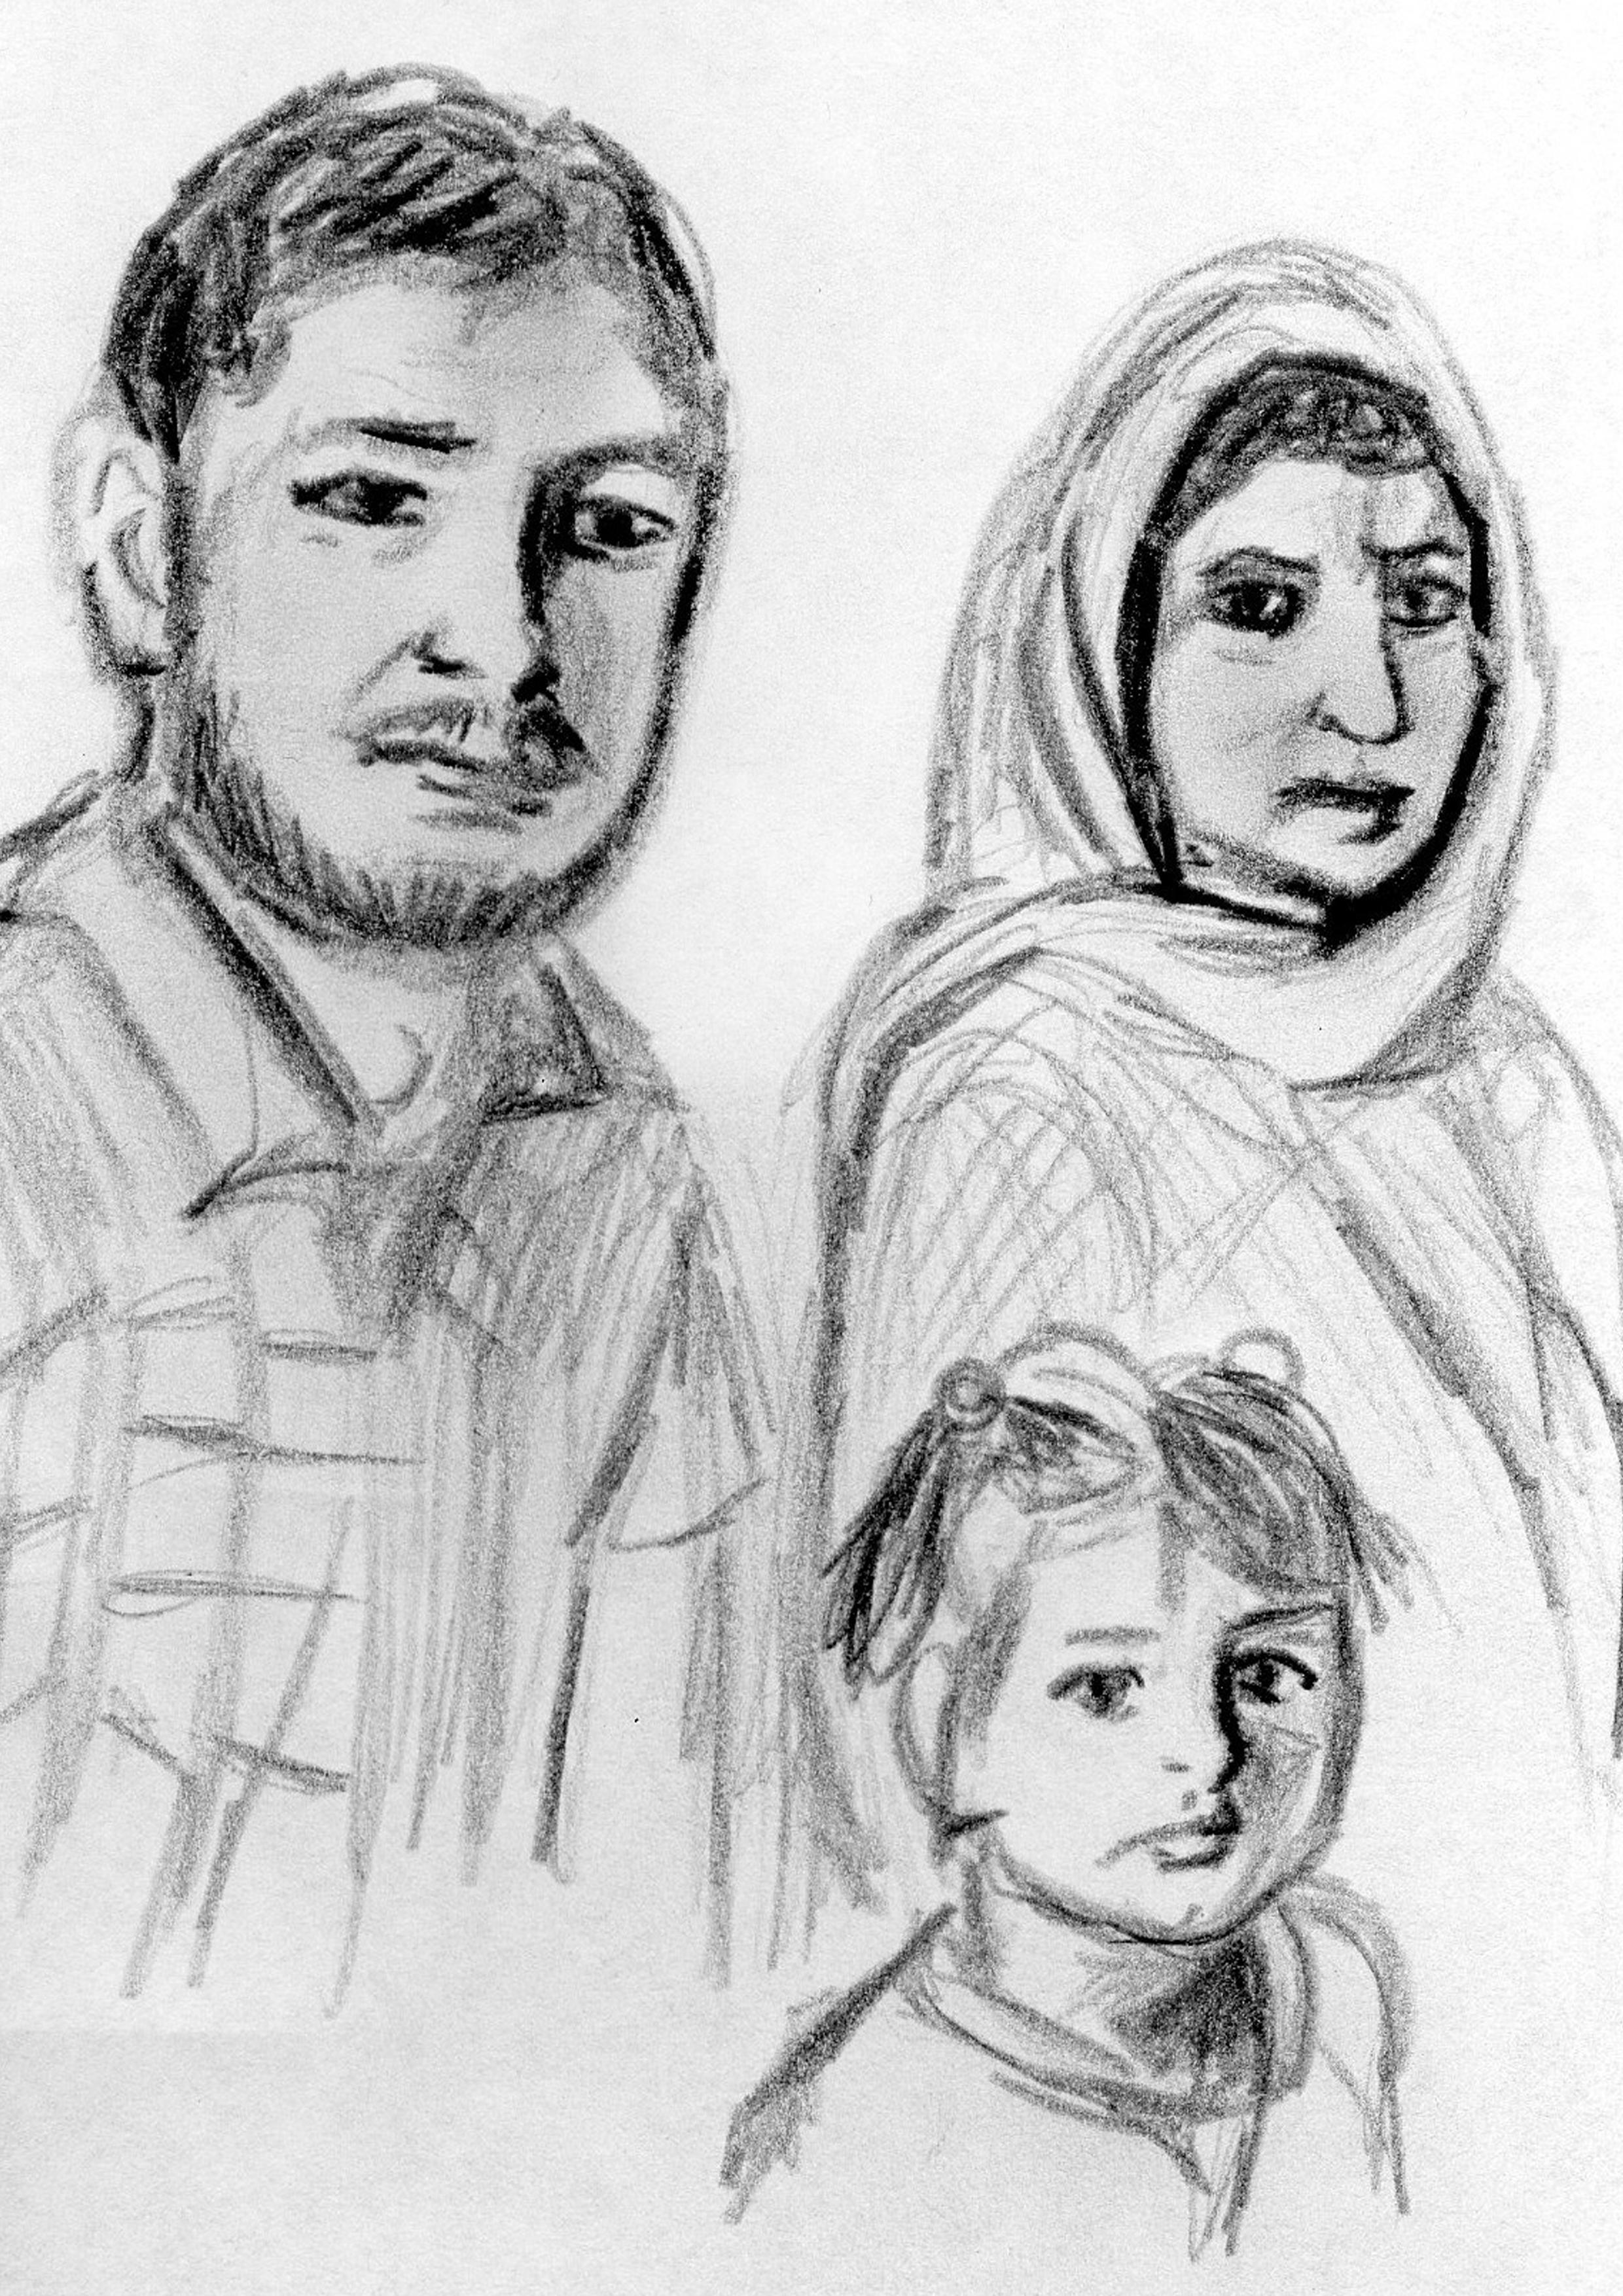 Familie Bakthan (Zeichnung: Amanda Müller)